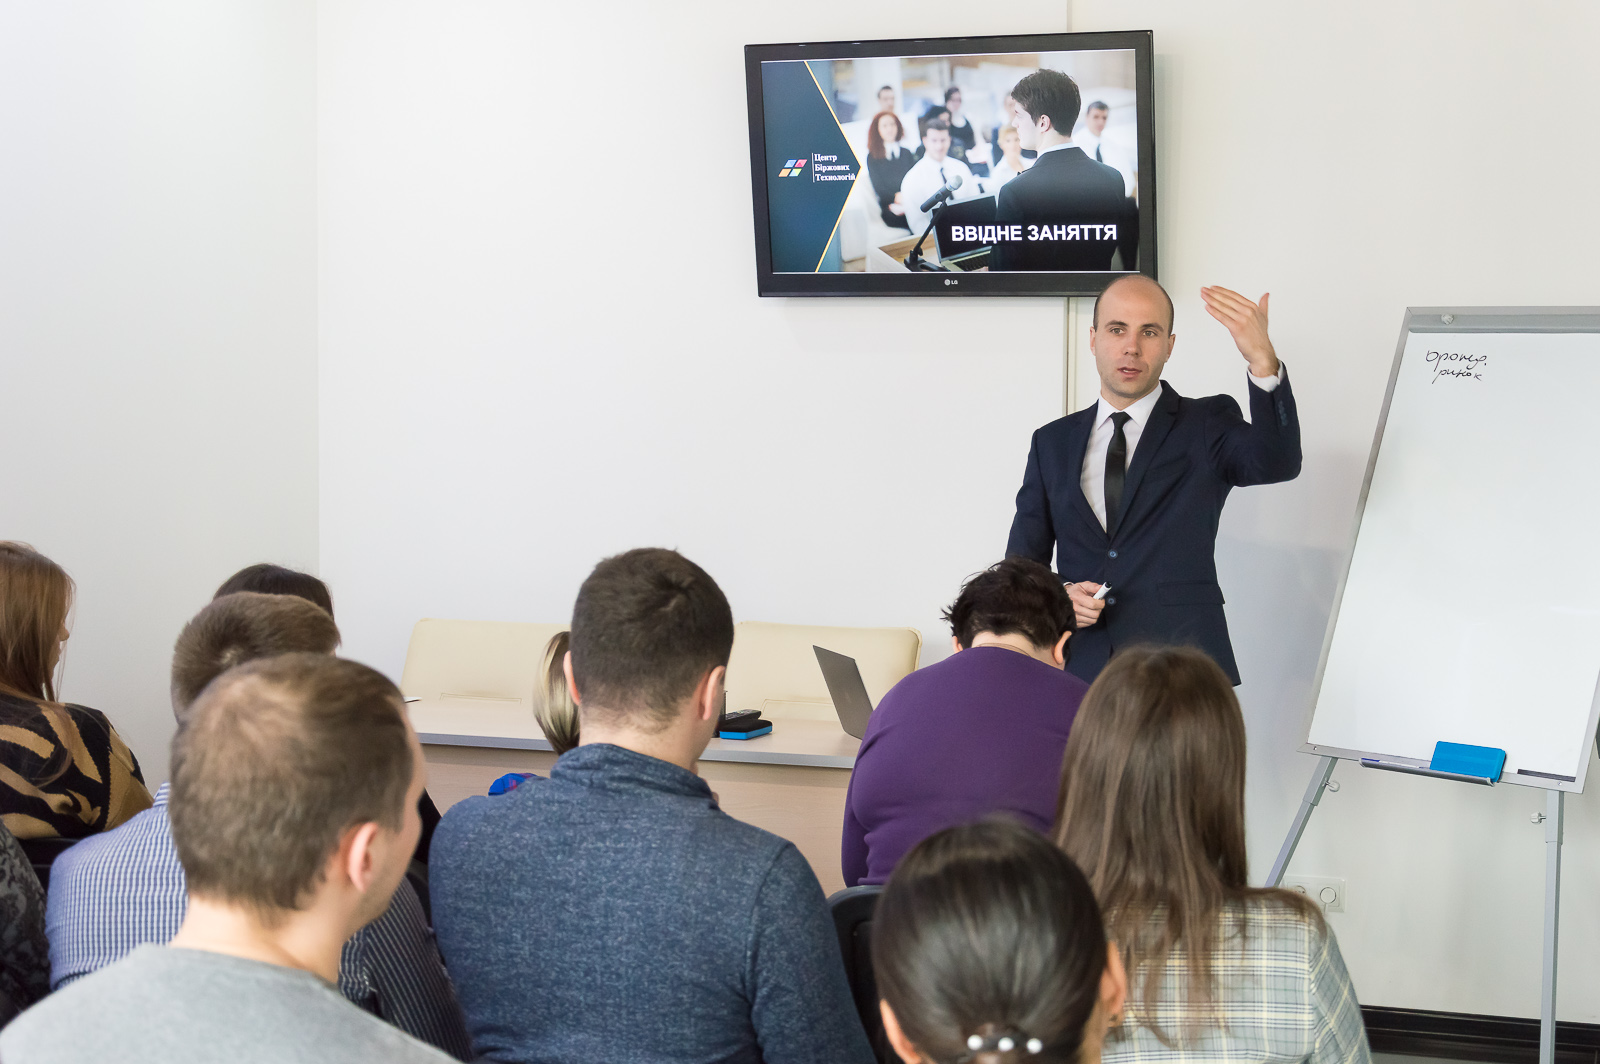 """Лекцію """"Фінансові ринки та основи біржових технологій"""" в Чернівцях відвідали студенти та викладачі МАУП - 16 фото"""